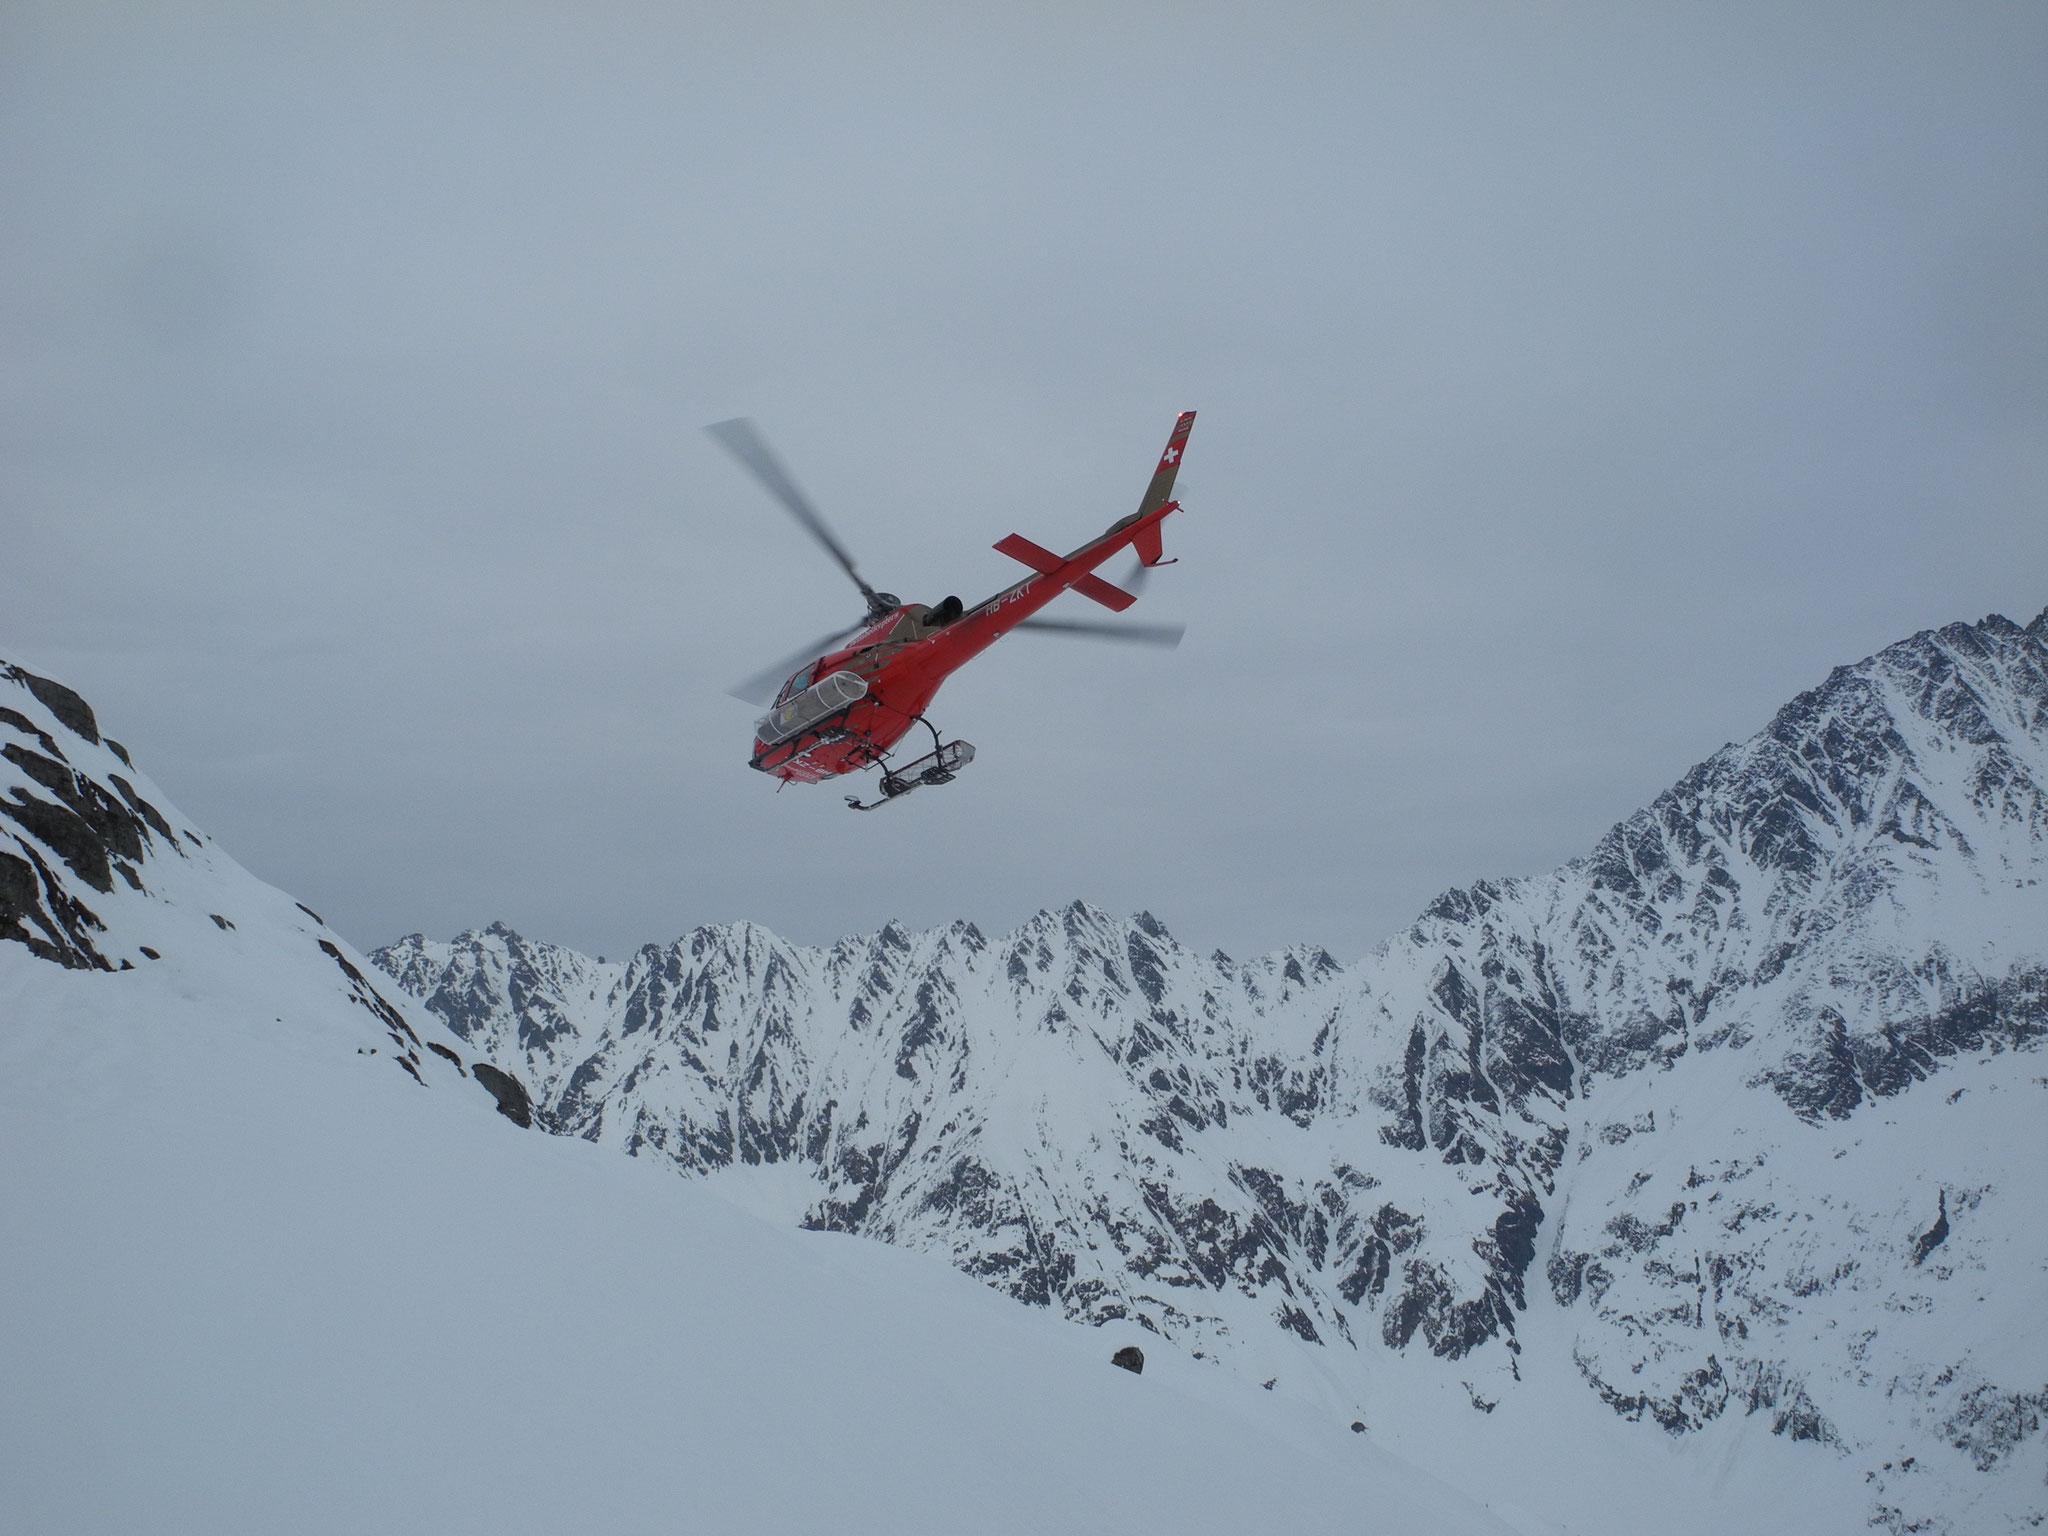 ... 10: Retter in der Not. Swiss Helicopters flog ein Monteur hoch, um die kaputte Turbine zu reparieren.